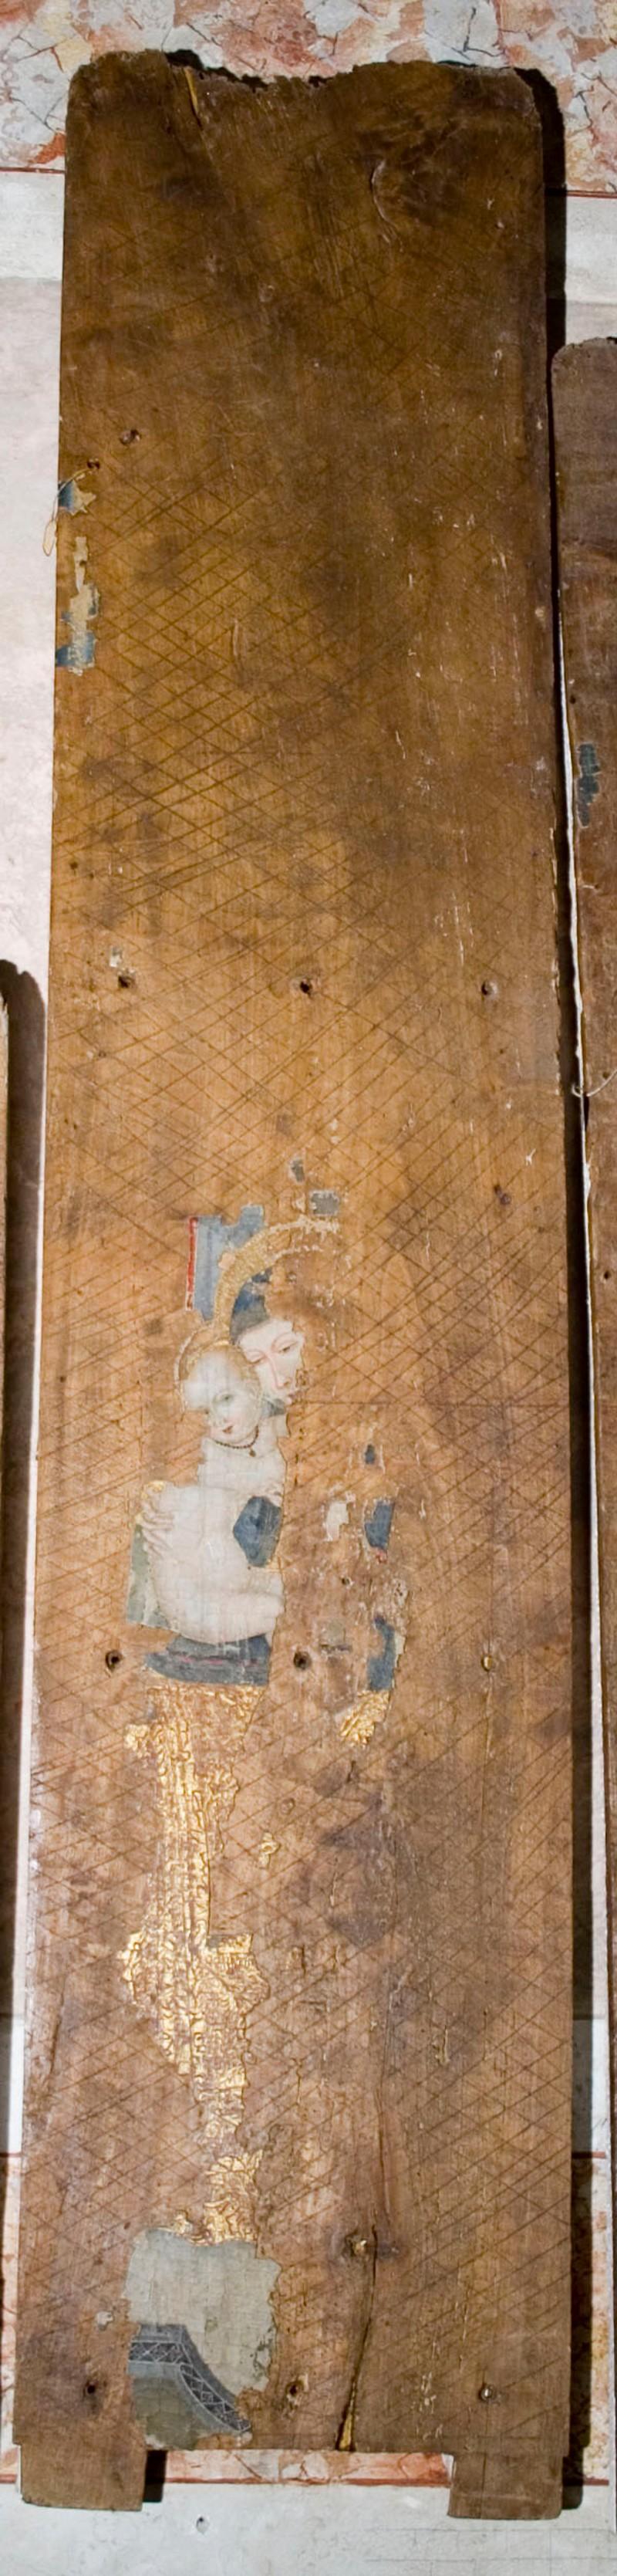 Ambito italiano secc. XV-XVI, Madonna con Gesù Bambino